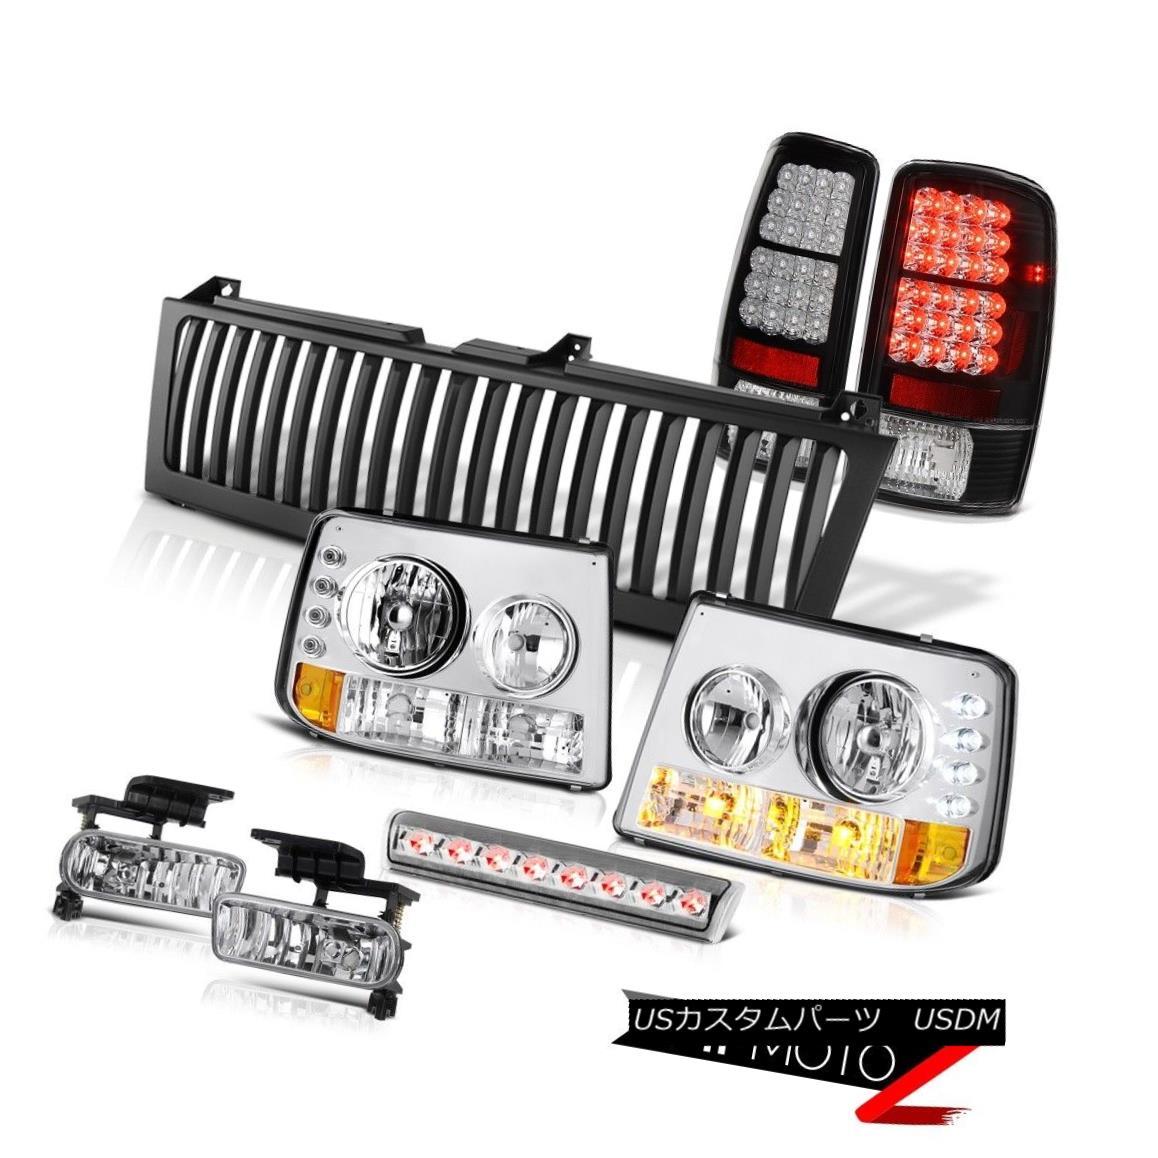 テールライト Headlamps SMD Brake Tail Lights Foglights High LED Black 2000-06 Suburban Z71 ヘッドランプSMDブレーキテールライトフォグライトハイLEDブラック2000-06郊外Z71